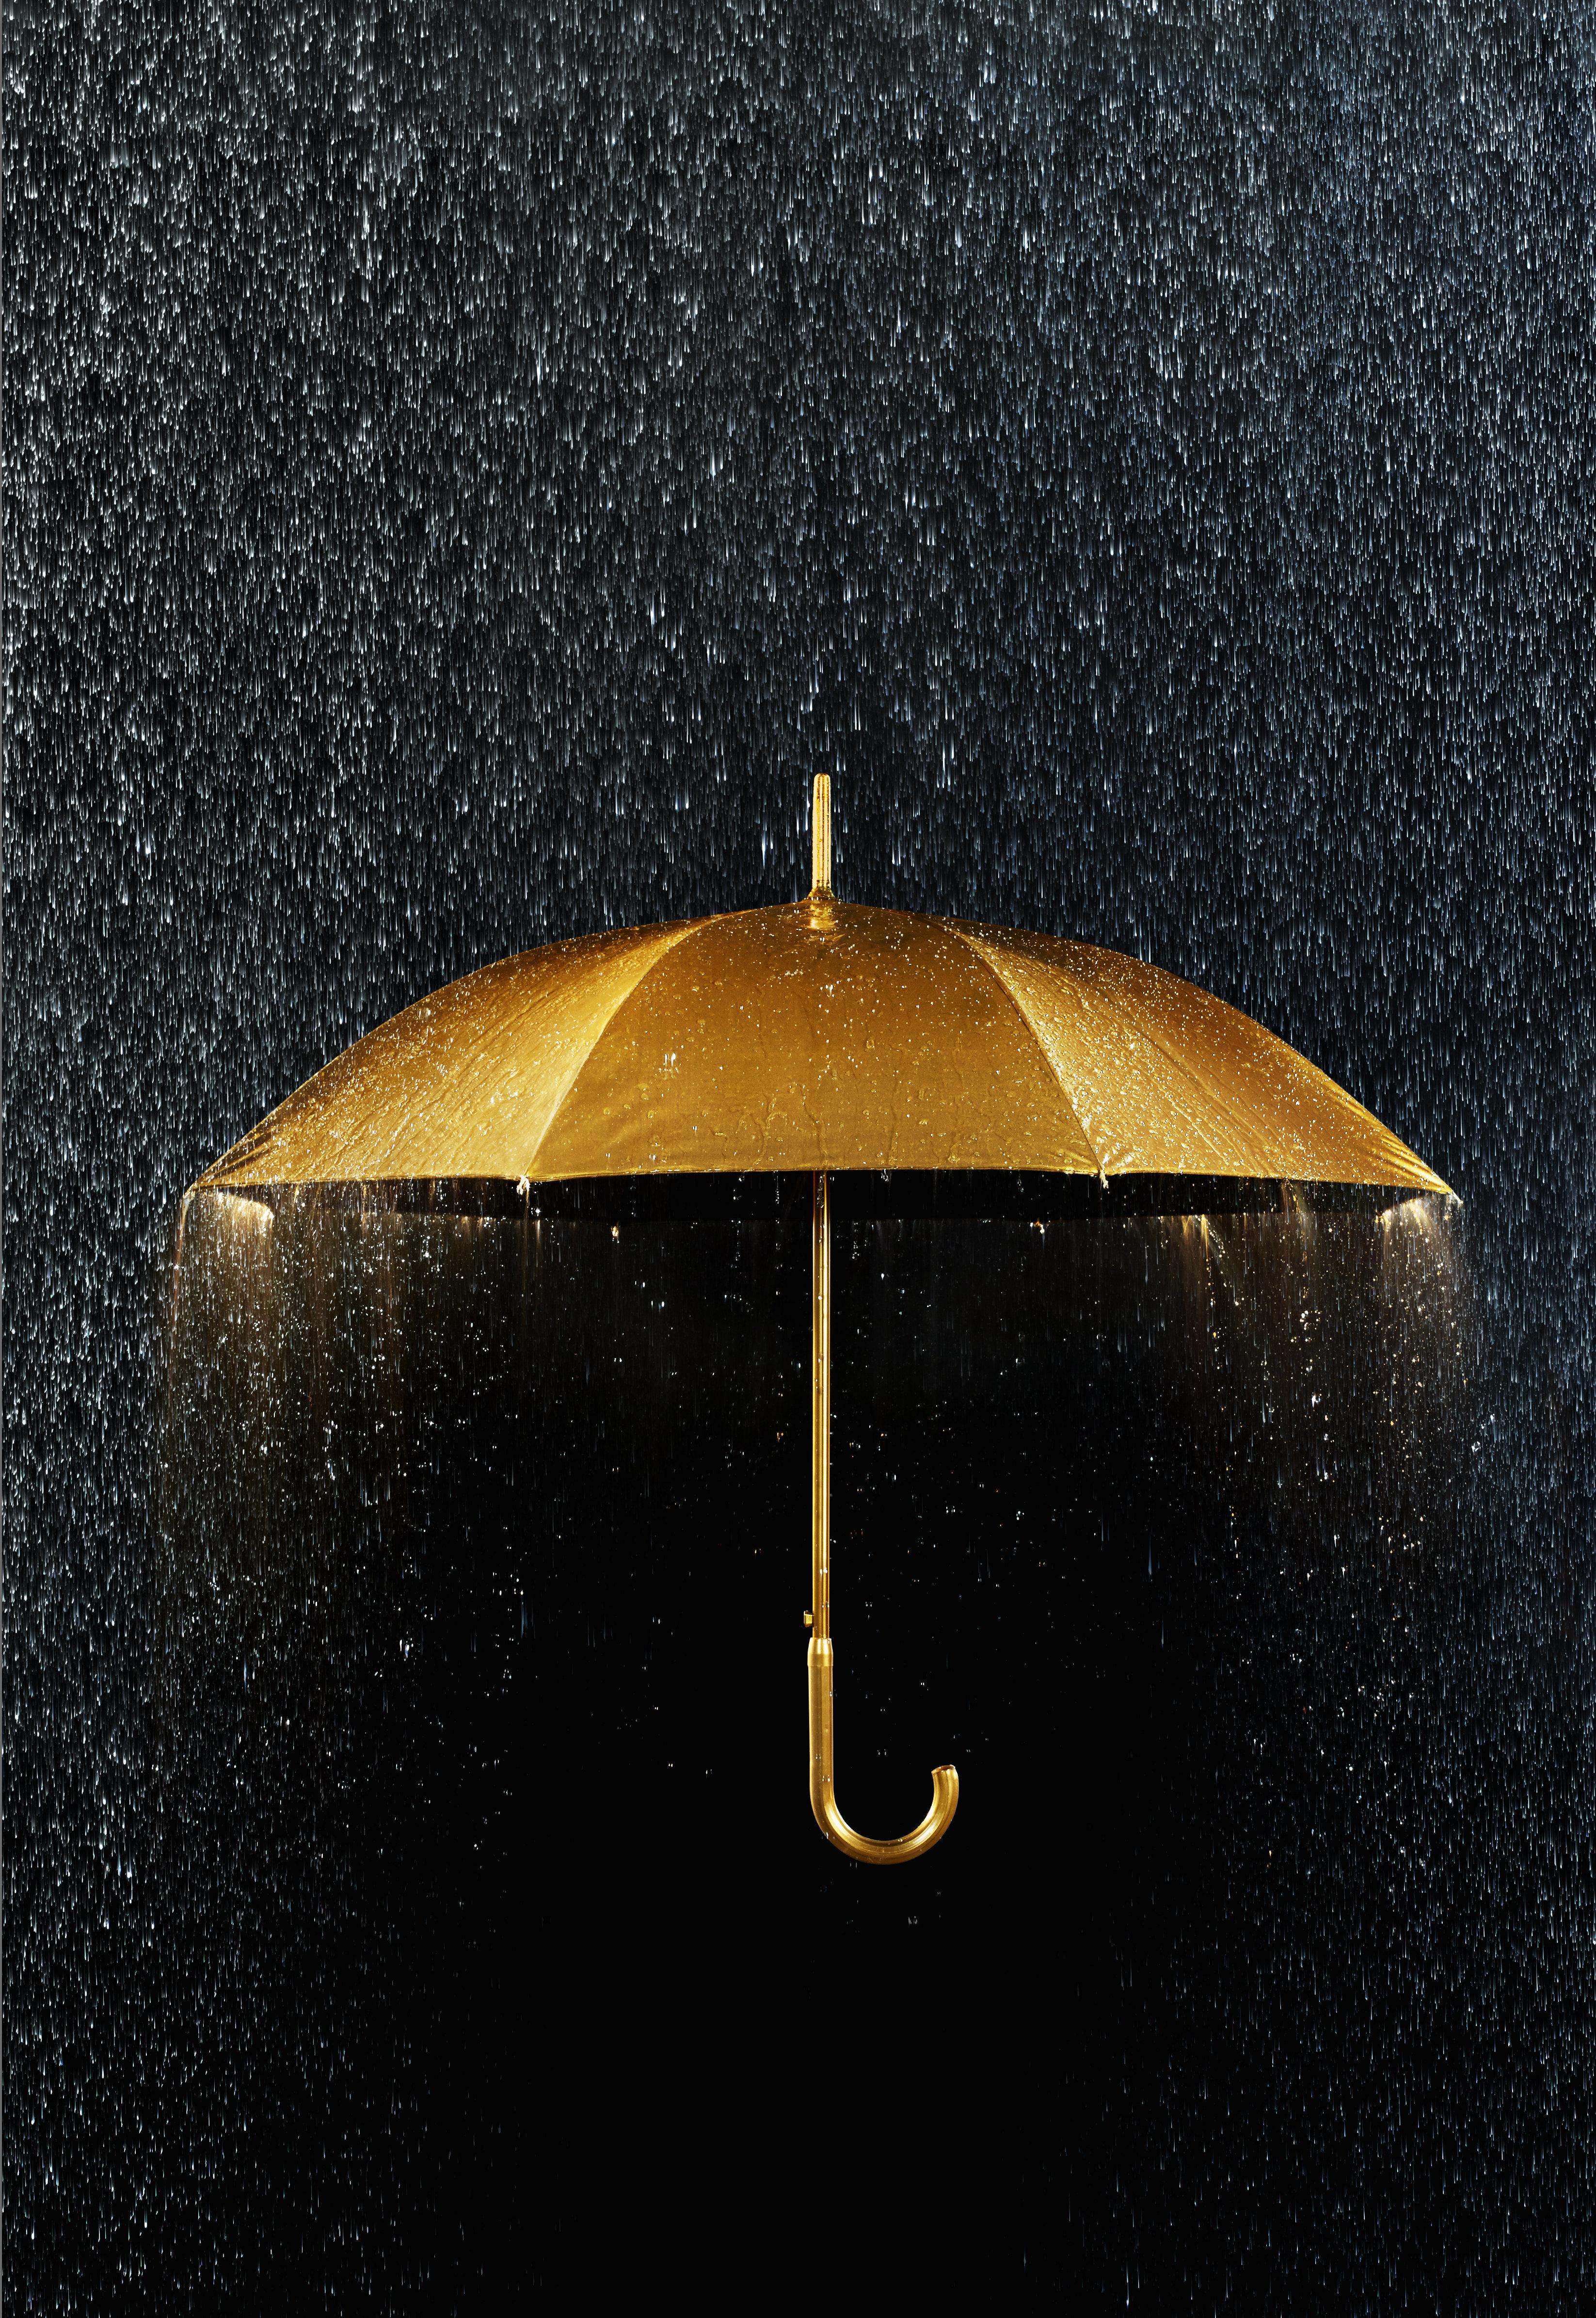 getting a golden shower